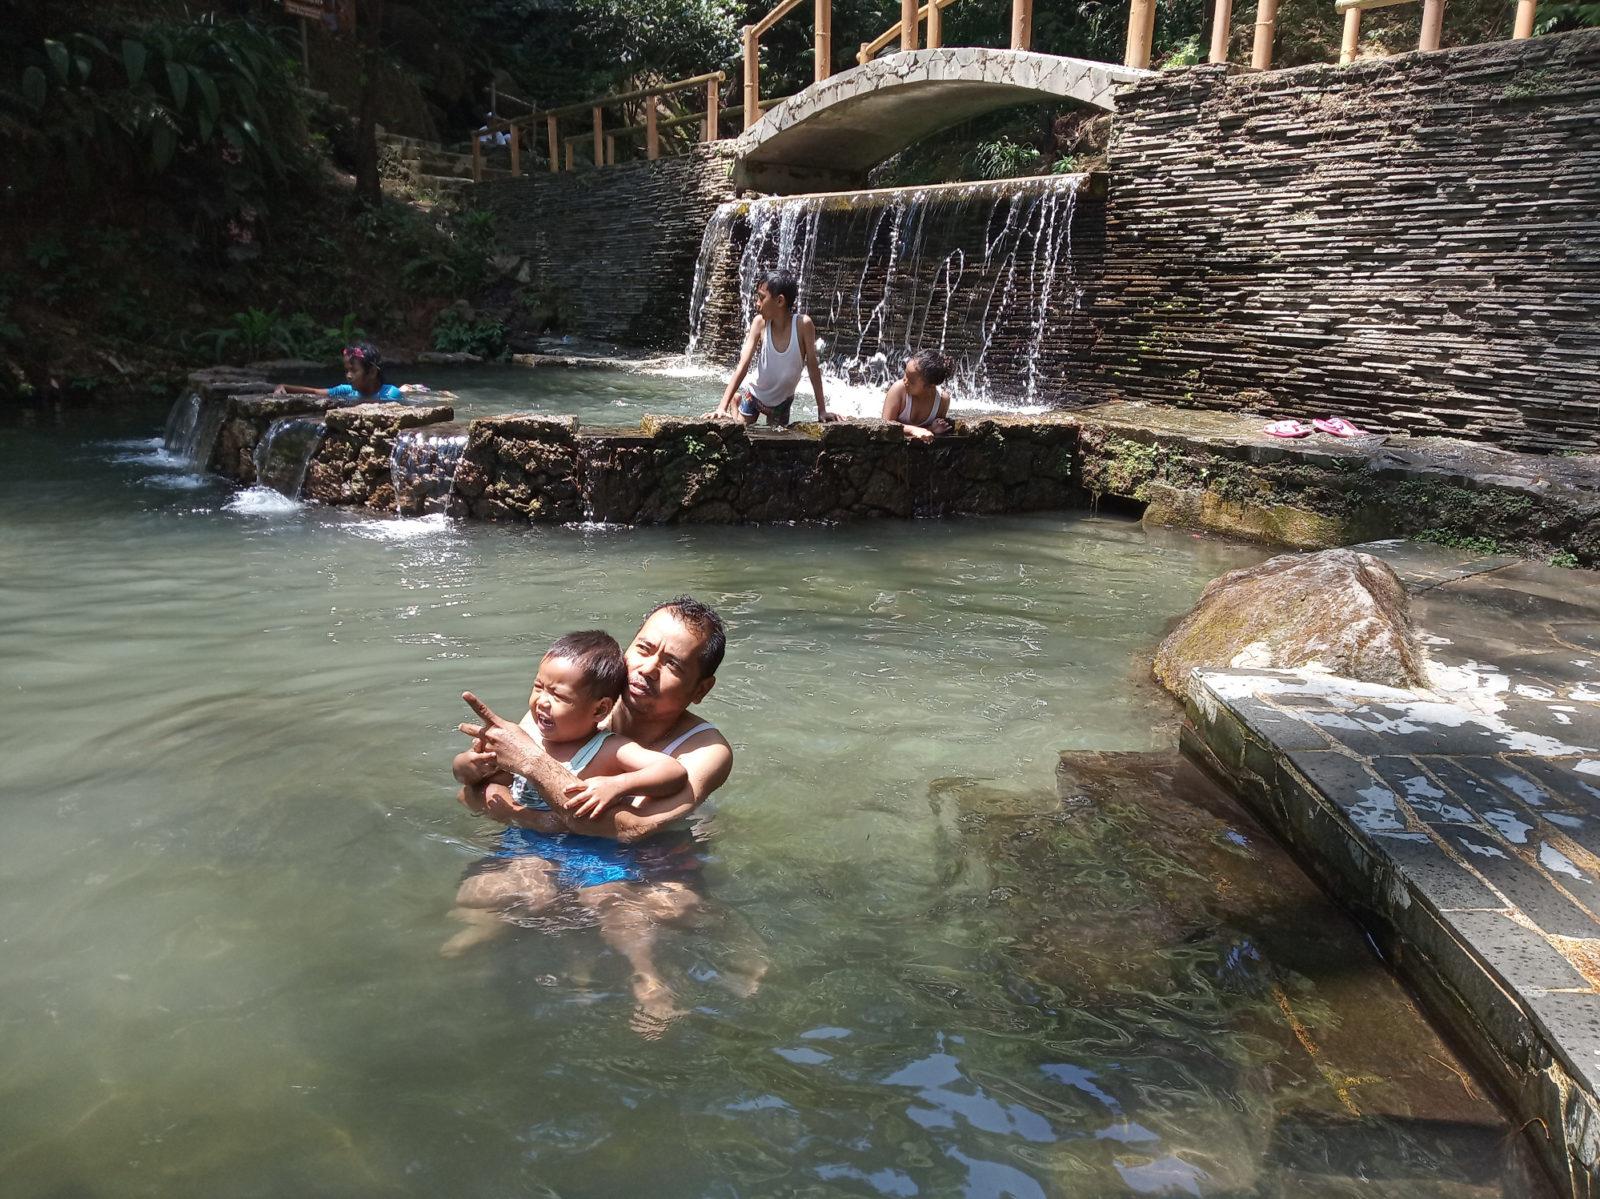 Berenang di kolam air alami